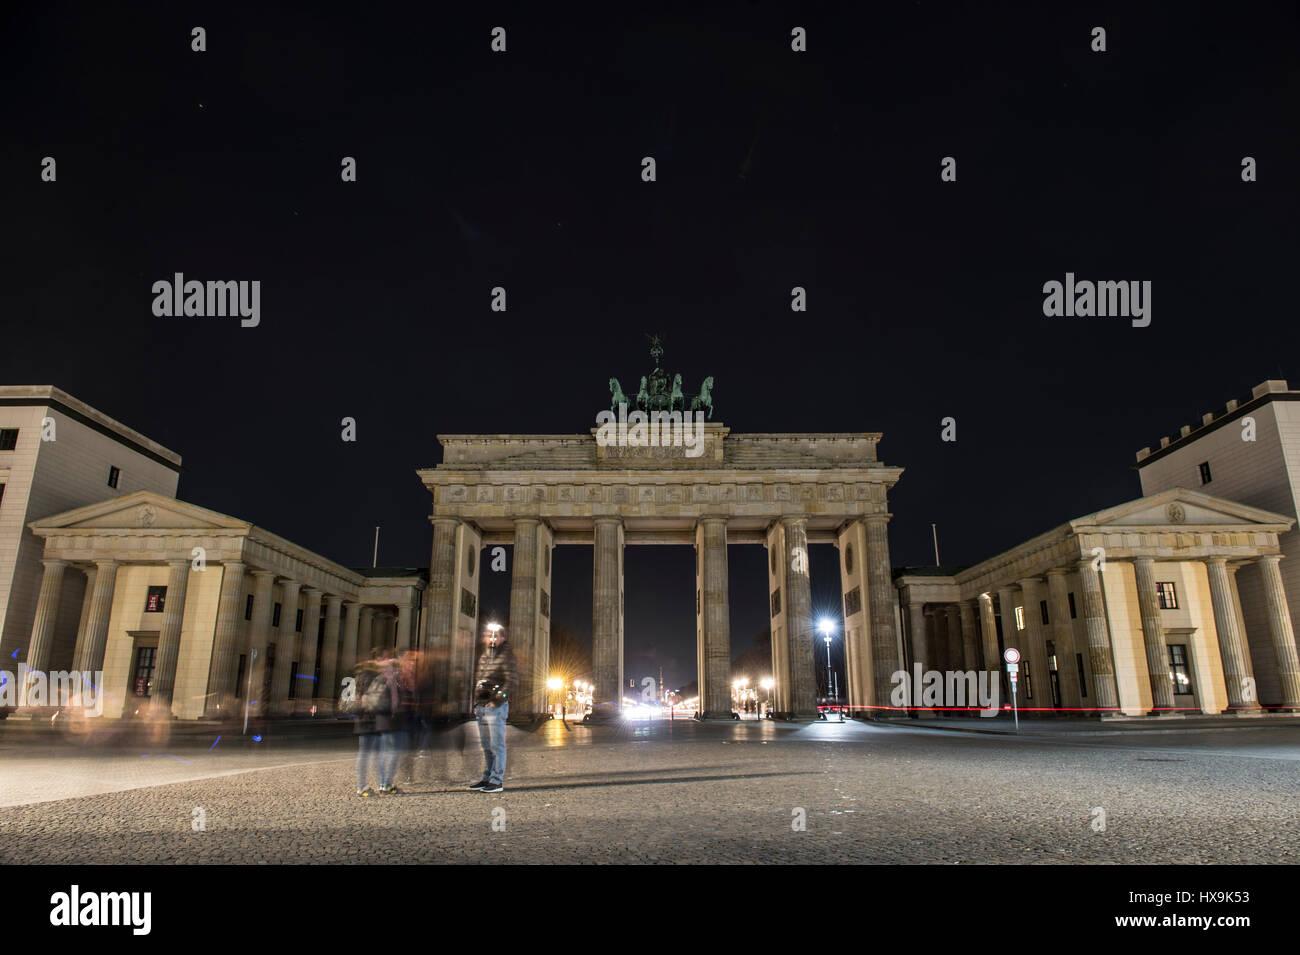 """Berlín, Alemania. 25 Mar, 2017. La Puerta de Brandenburgo se enciende justo antes de """"La hora de la tierra"""" en Berlín, Foto de stock"""